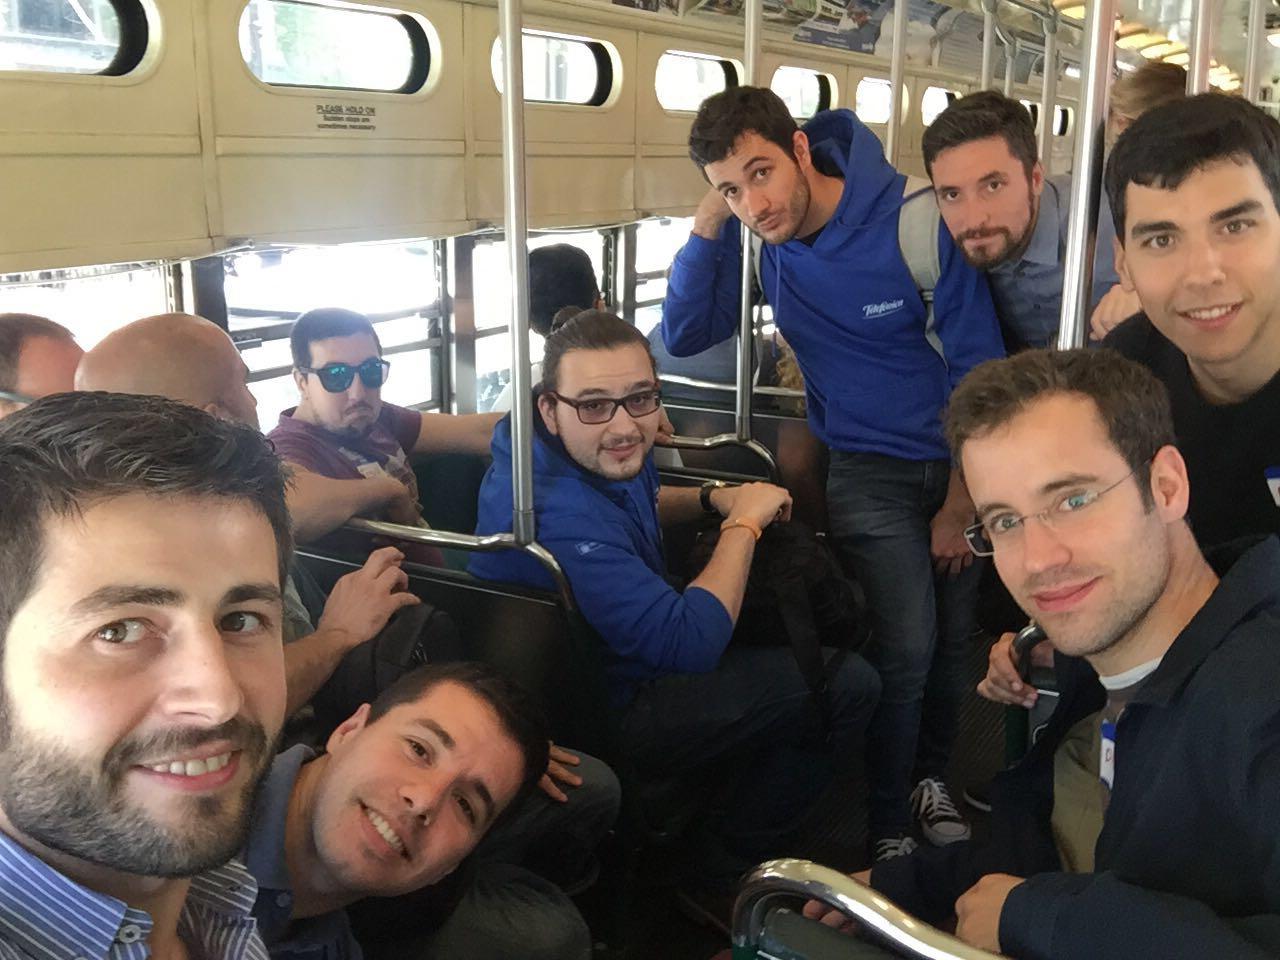 TalentumStartup en Silicon Valley, un viaje al aprendizaje